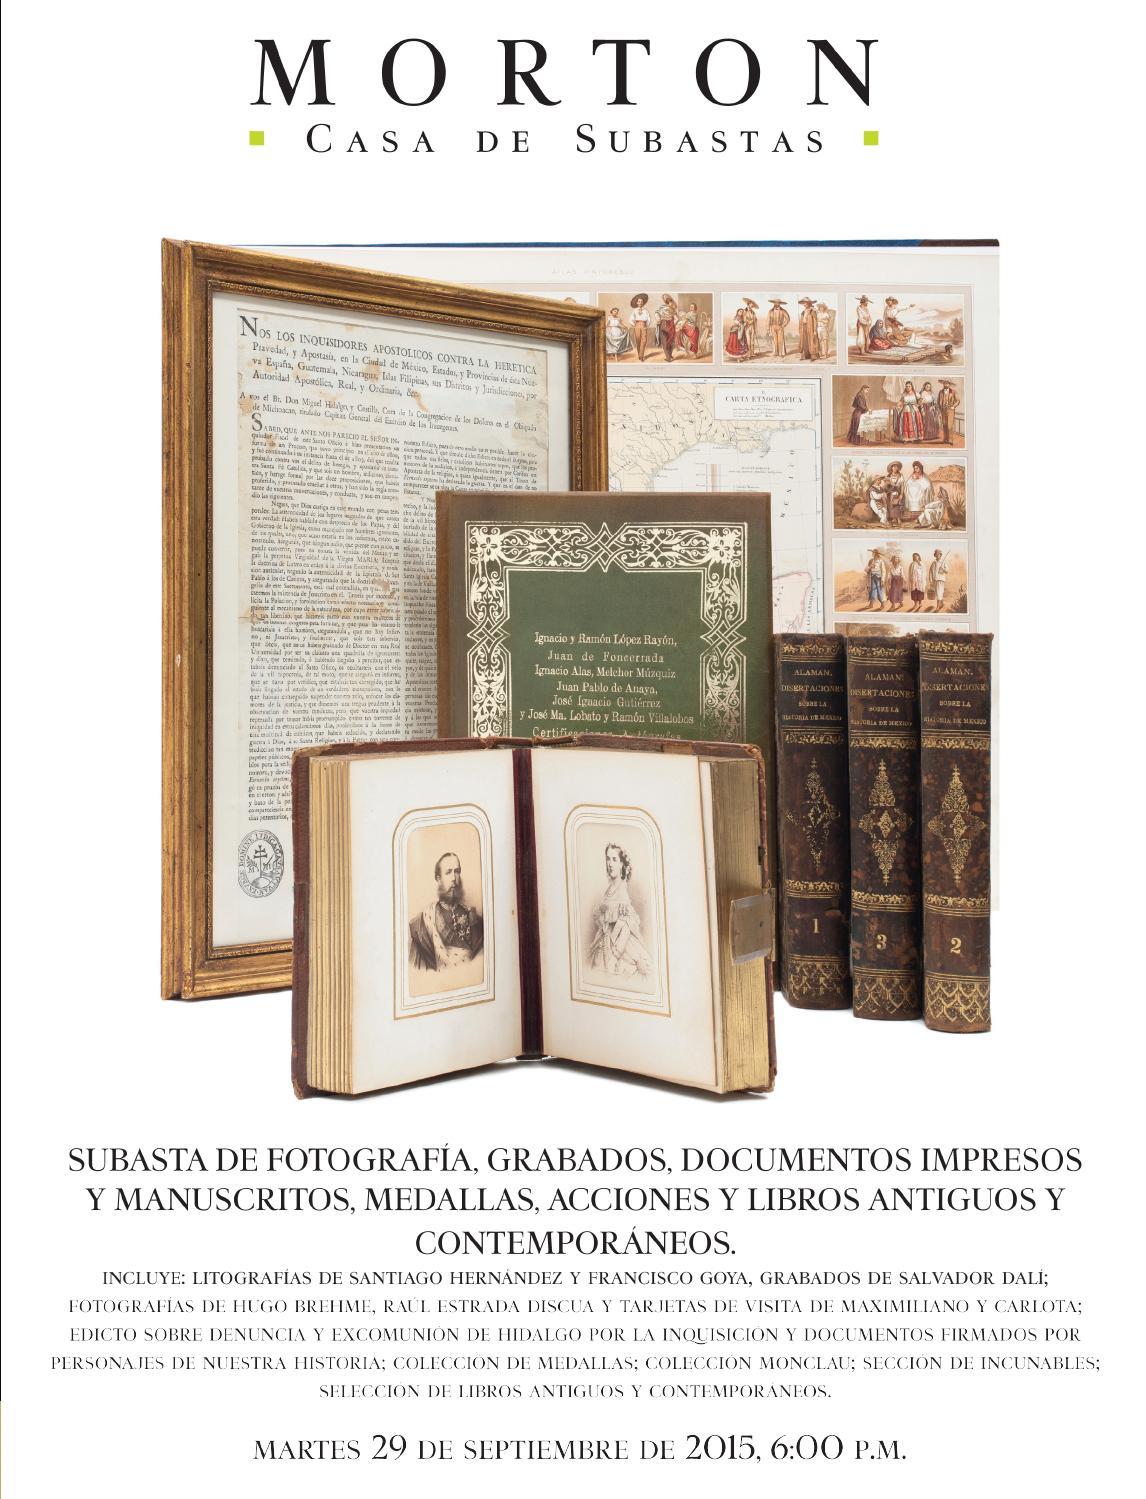 Subasta de Libros y Documentos by Morton Subastas - issuu